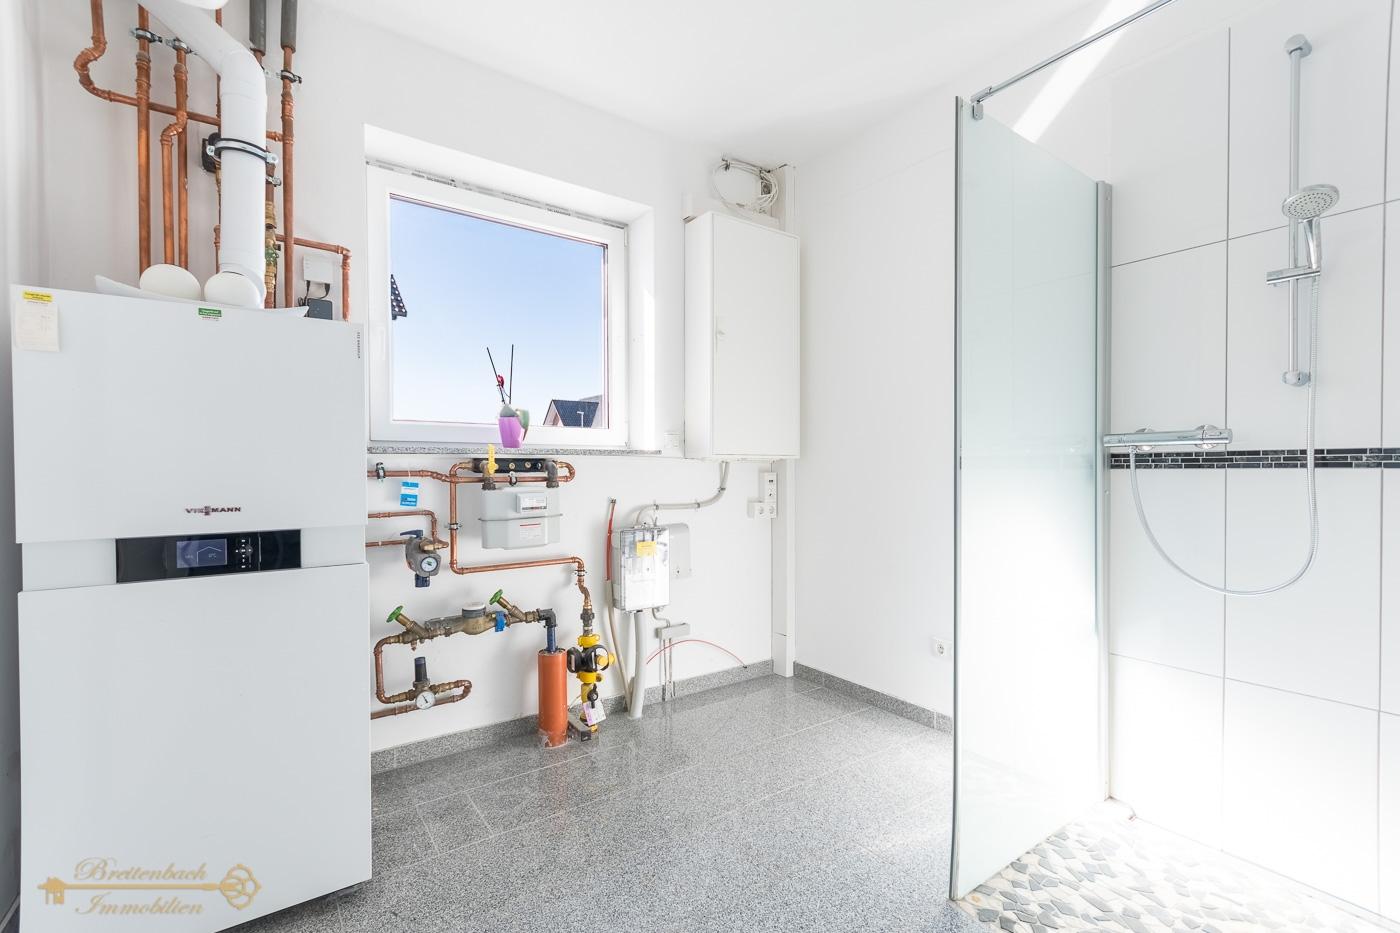 2019-09-21-Breitenbach-Immobilien-7